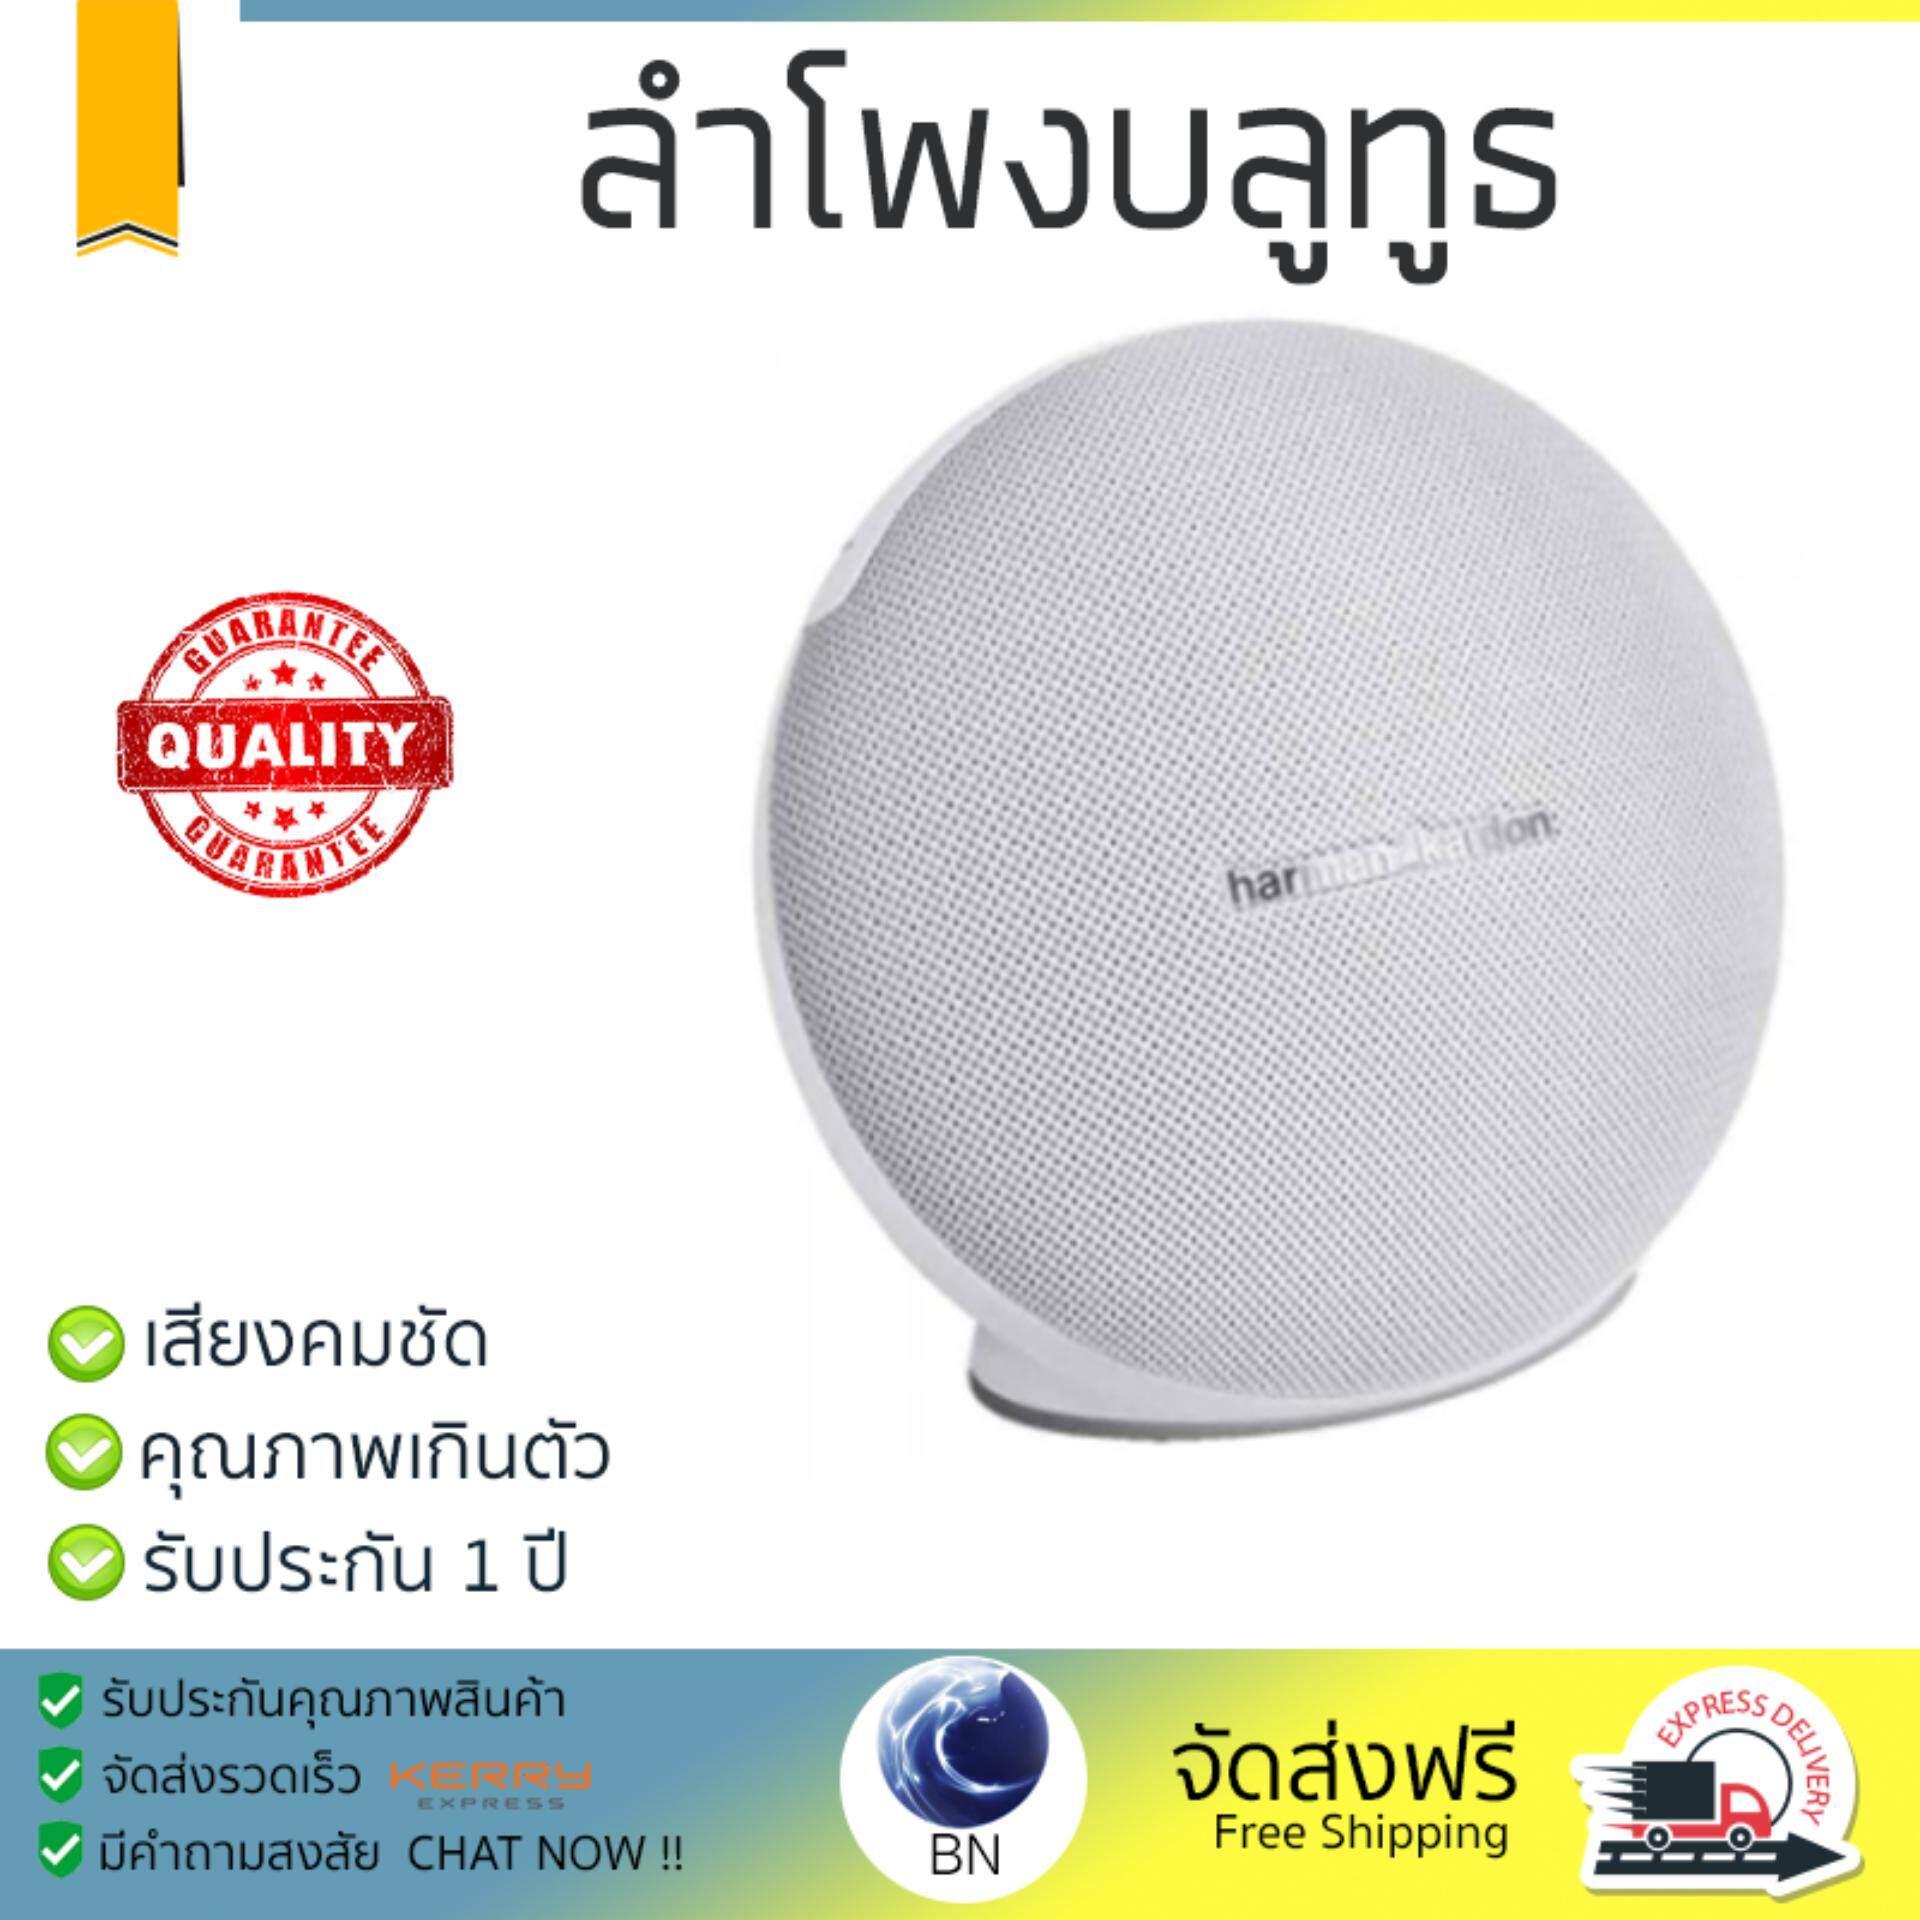 การใช้งาน  มุกดาหาร จัดส่งฟรี ลำโพงบลูทูธ  Harman Kardon Bluetooth Speaker 2.1 Onyx Mini White เสียงใส คุณภาพเกินตัว Wireless Bluetooth Speaker รับประกัน 1 ปี